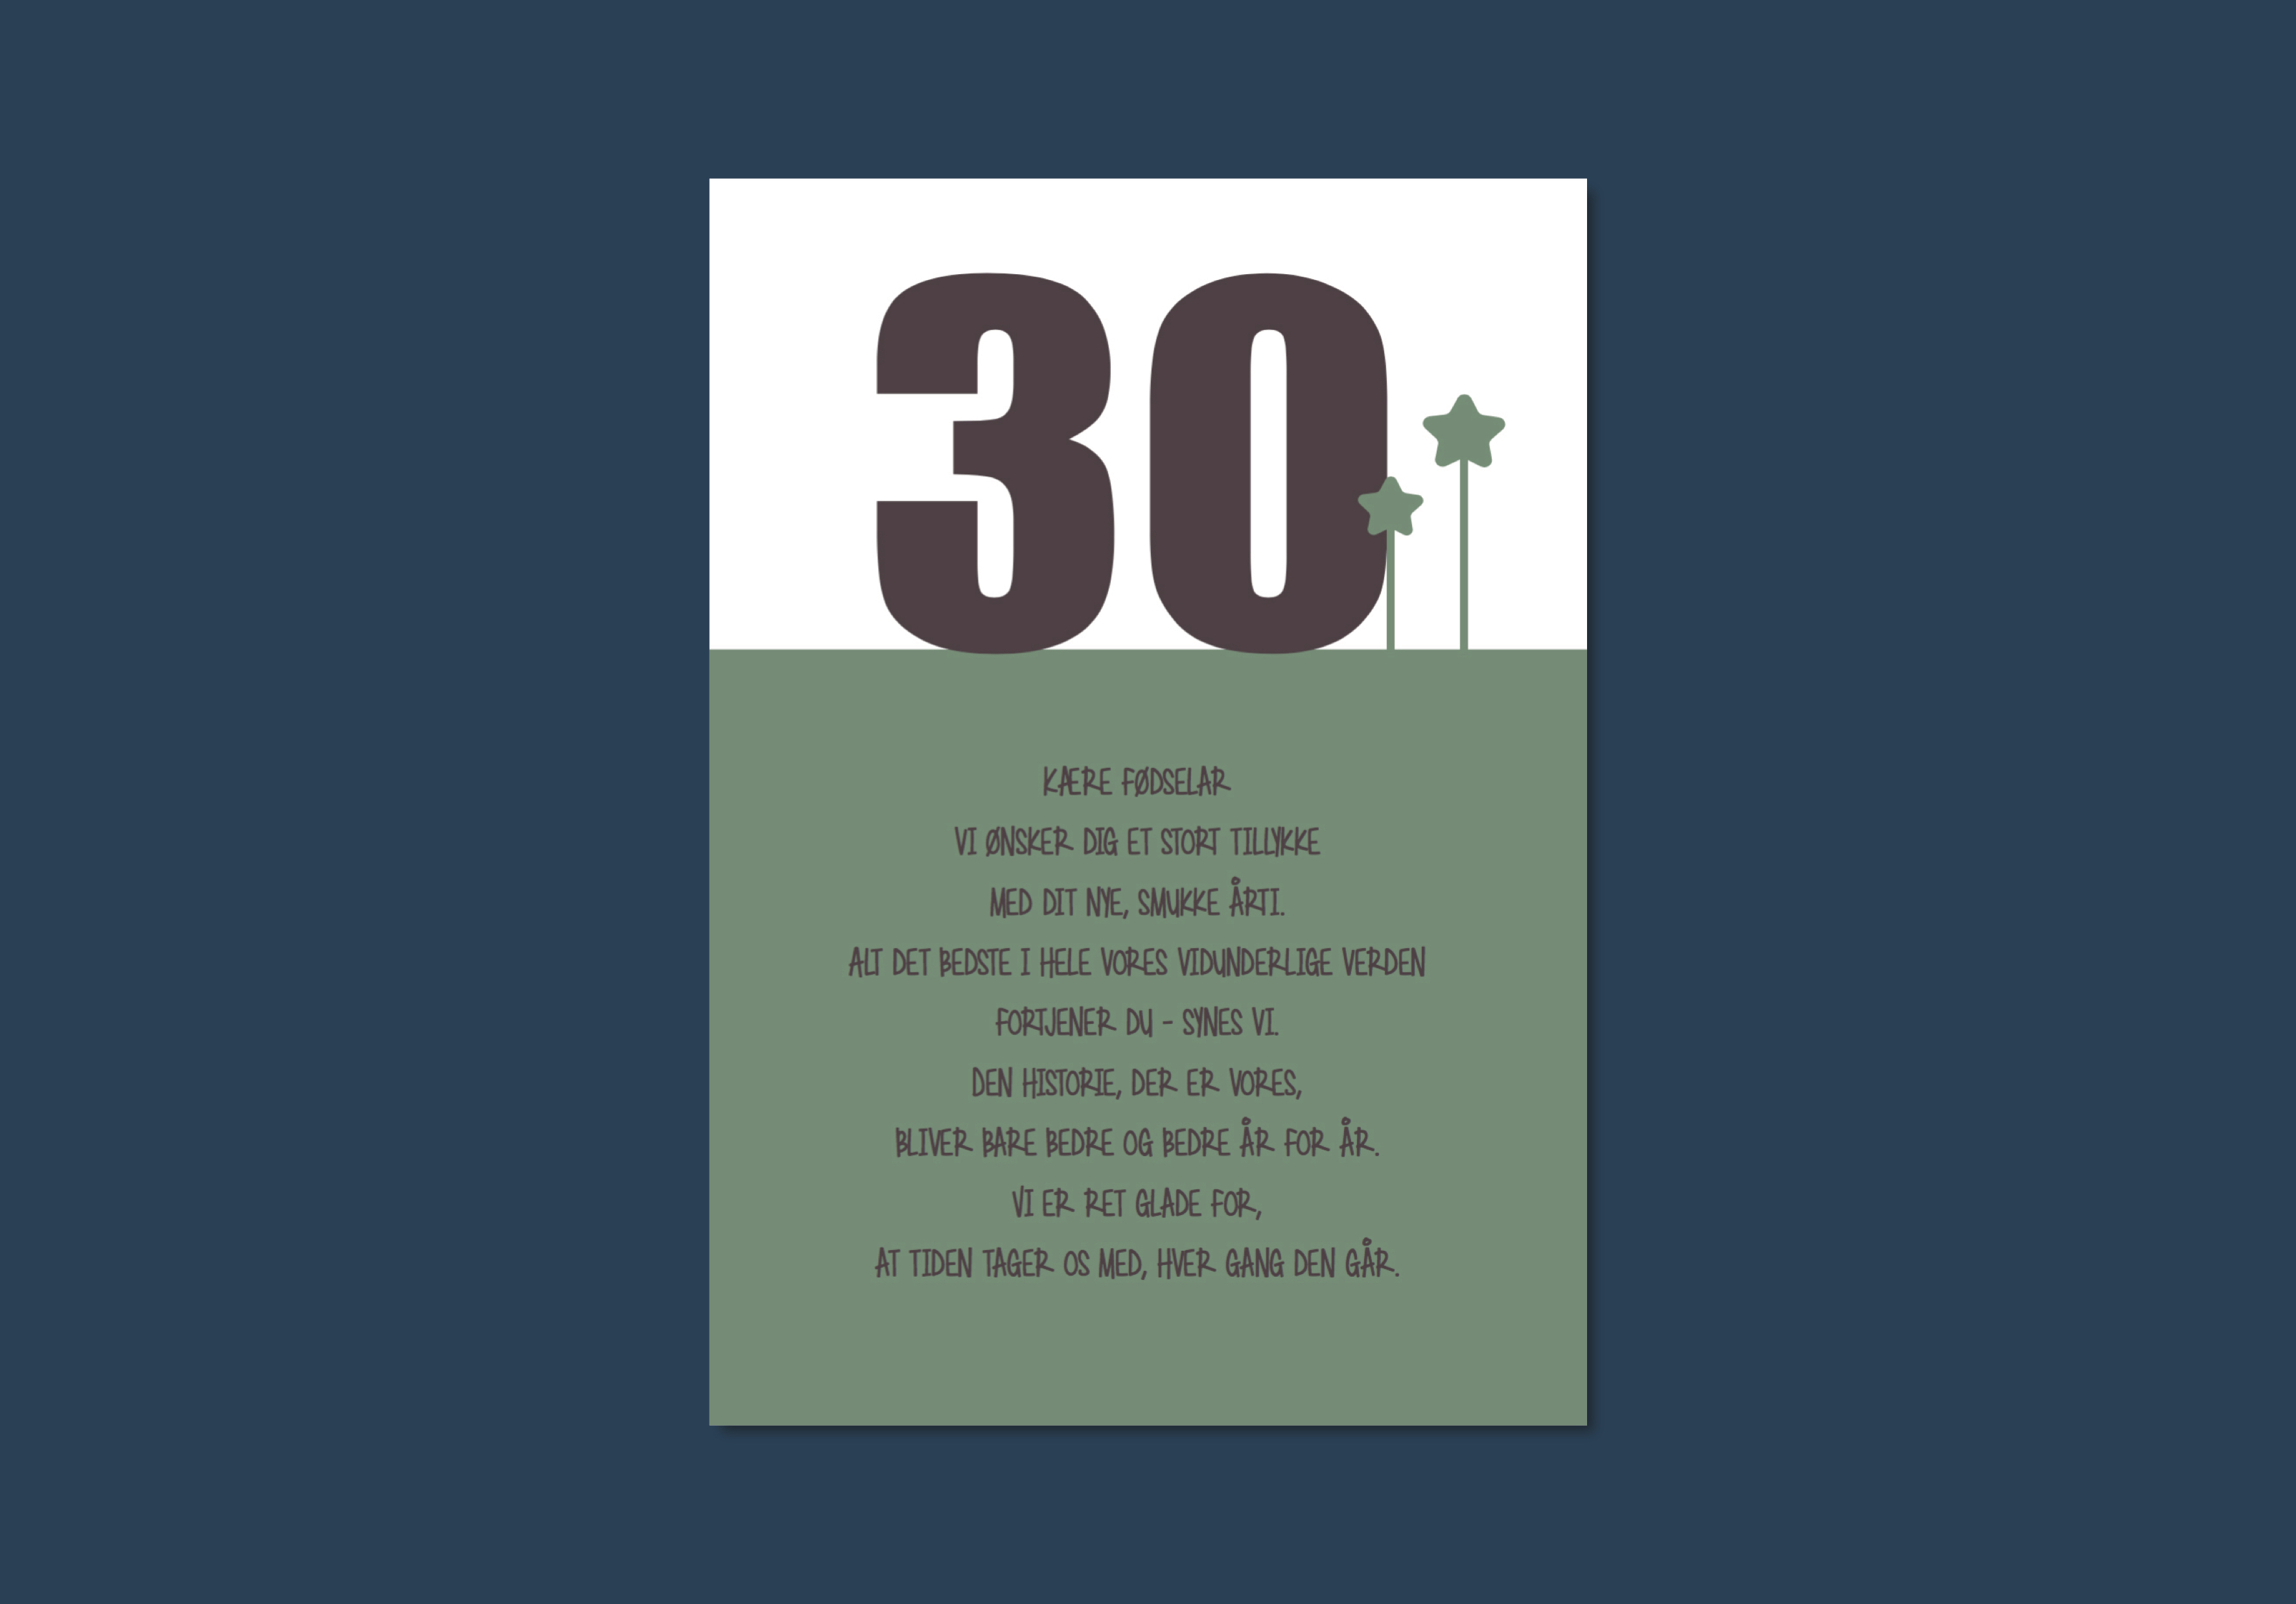 30 års fødselsdag citat | Ikke-kategoriseret | Markussnob